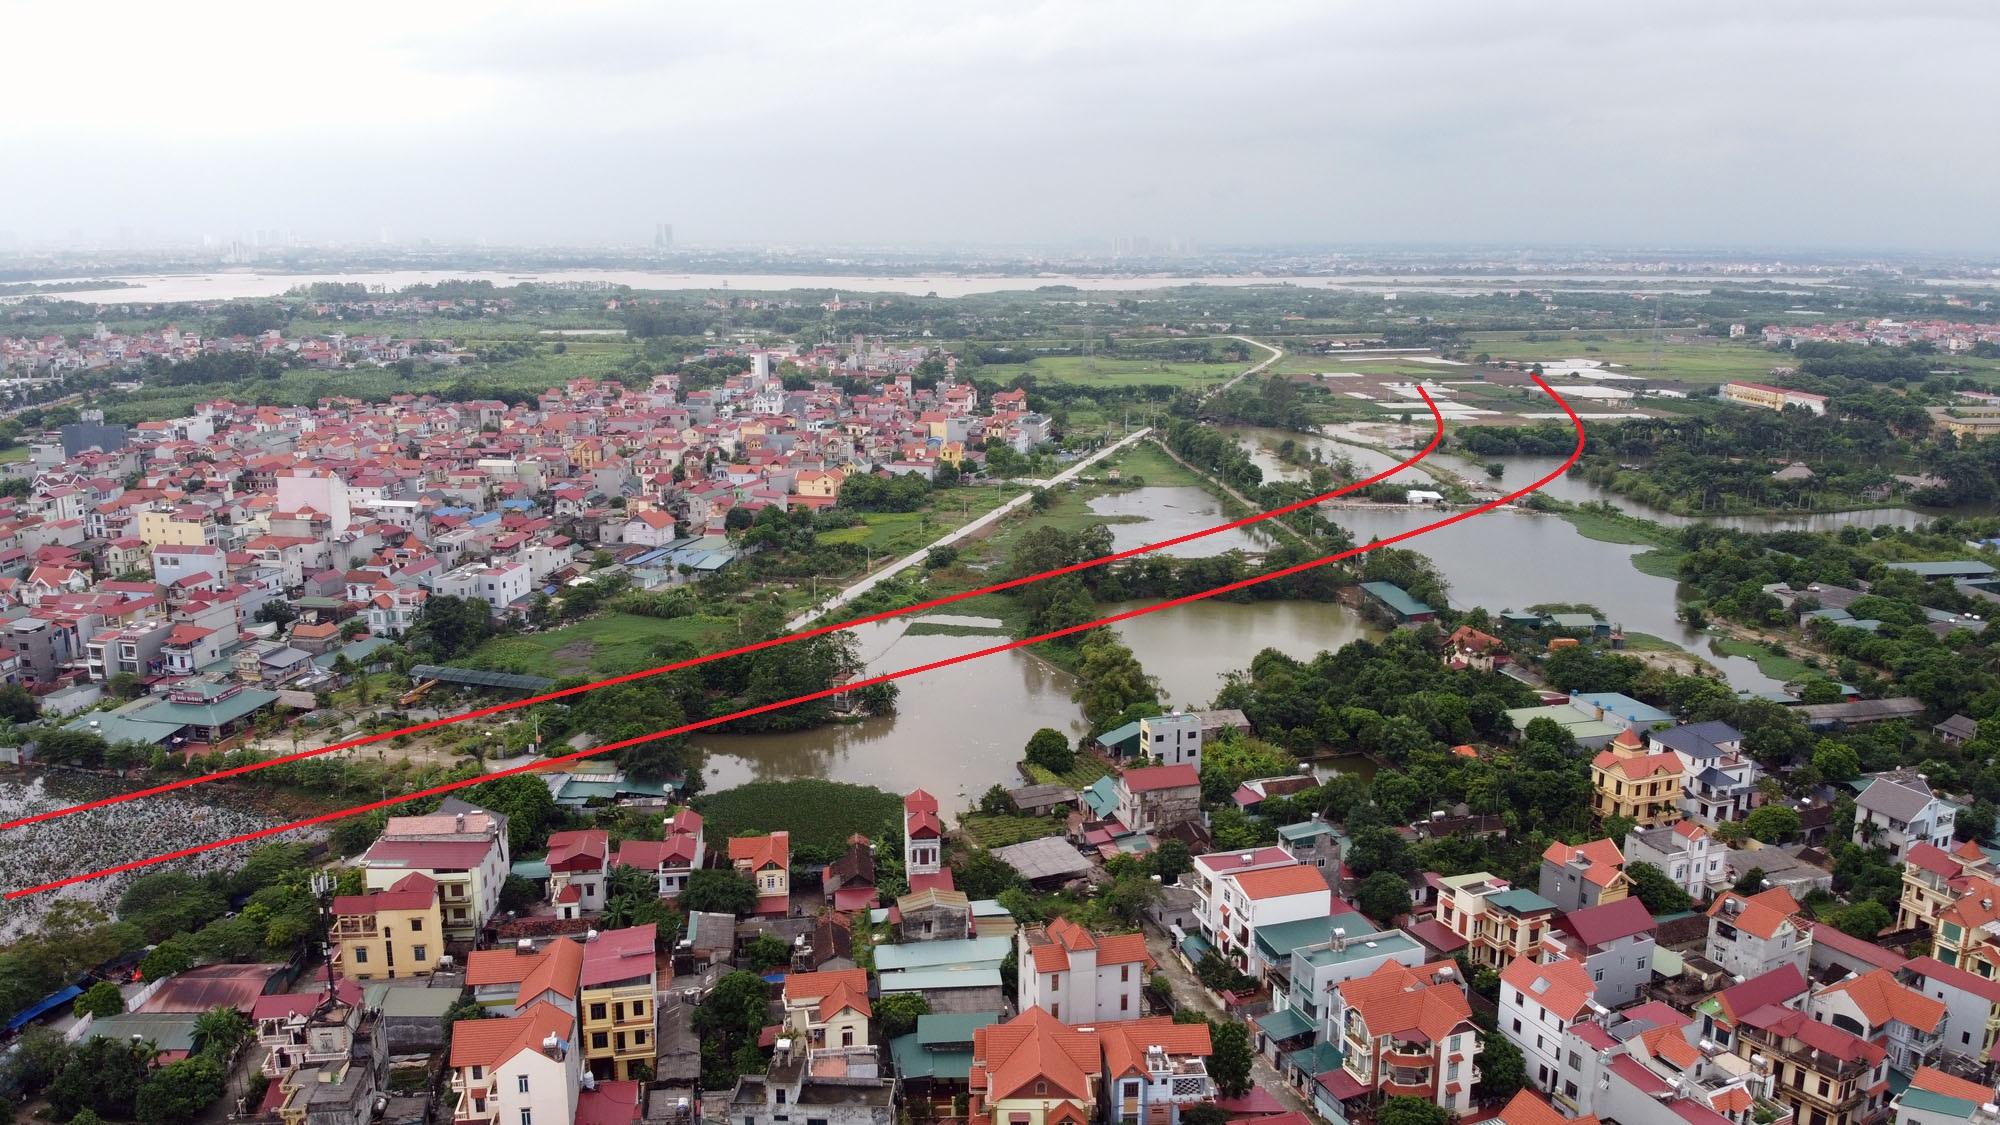 Ba đường sẽ mở theo qui hoạch ở xã Đại Mạch, Đông Anh, Hà Nội - Ảnh 4.